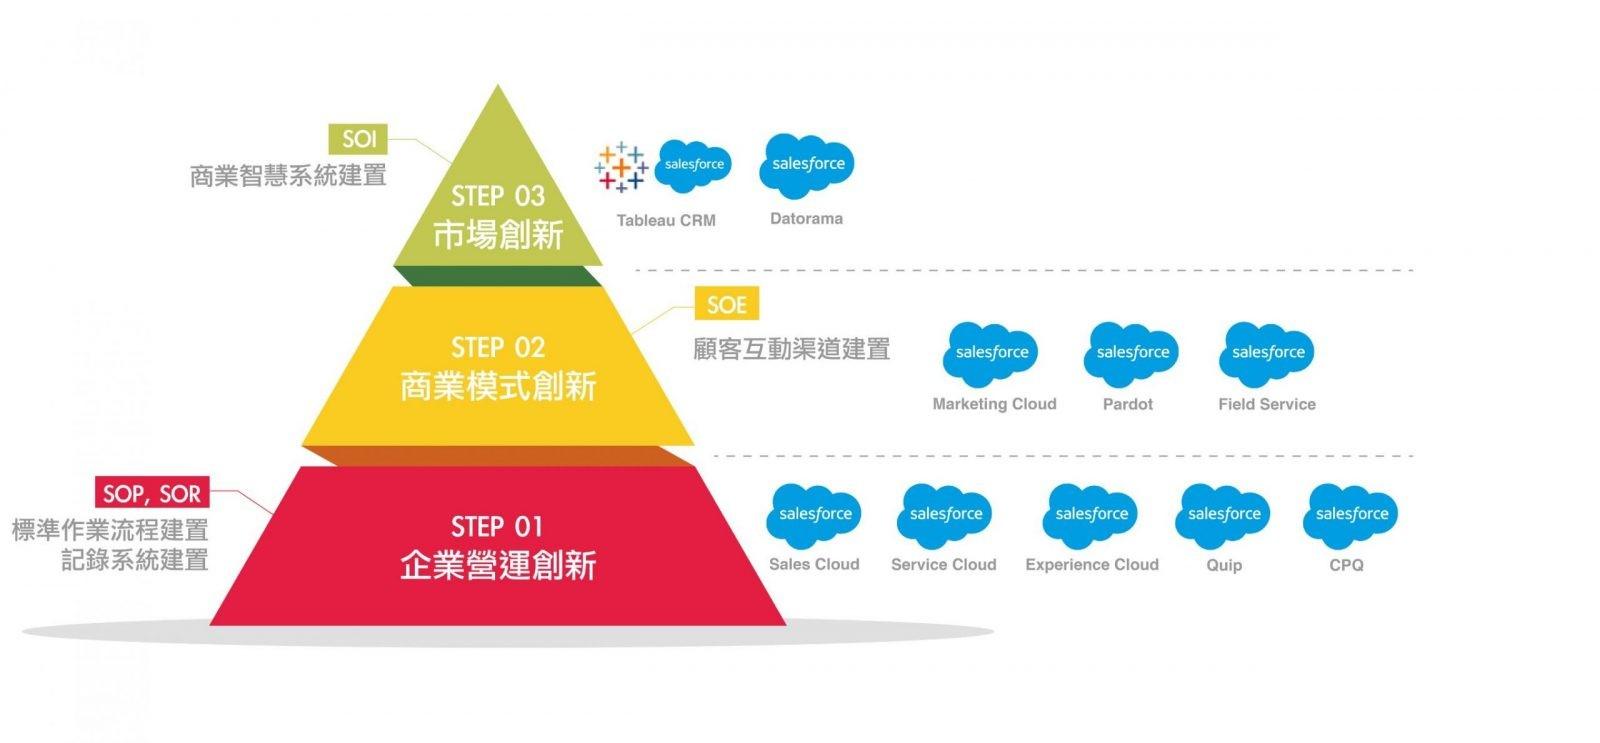 Salesforce的產品應用三階段,協助企業選對工具